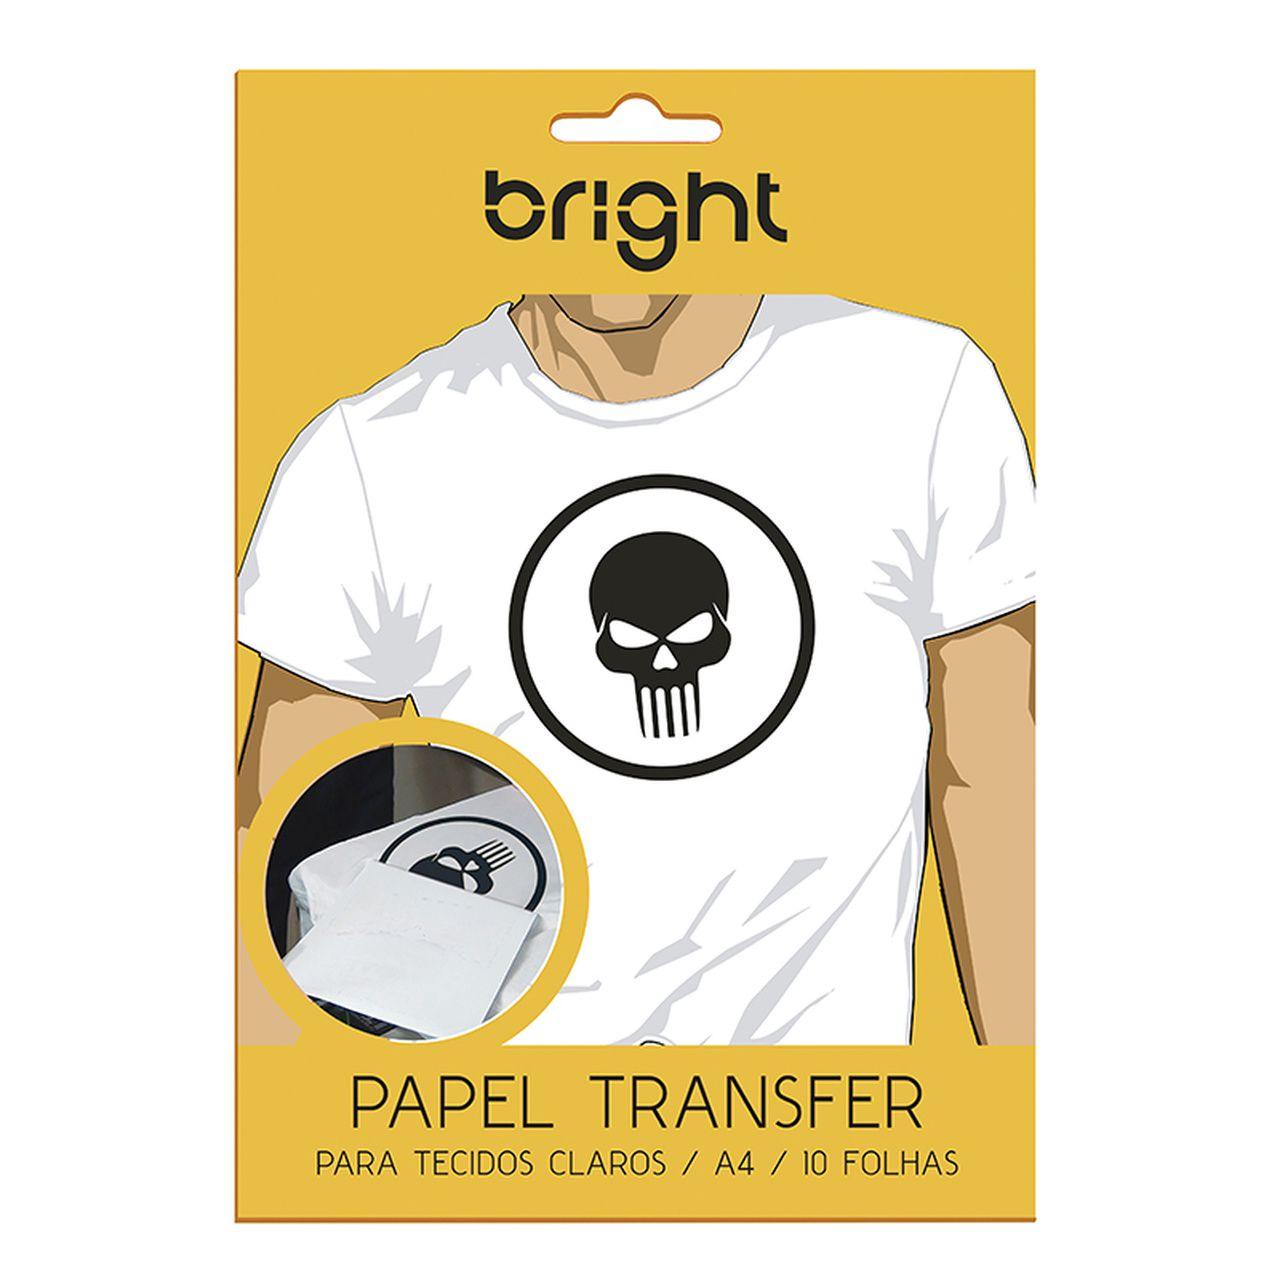 Papel Transfer para Tecido Claros 10 folhas 121 - Bright